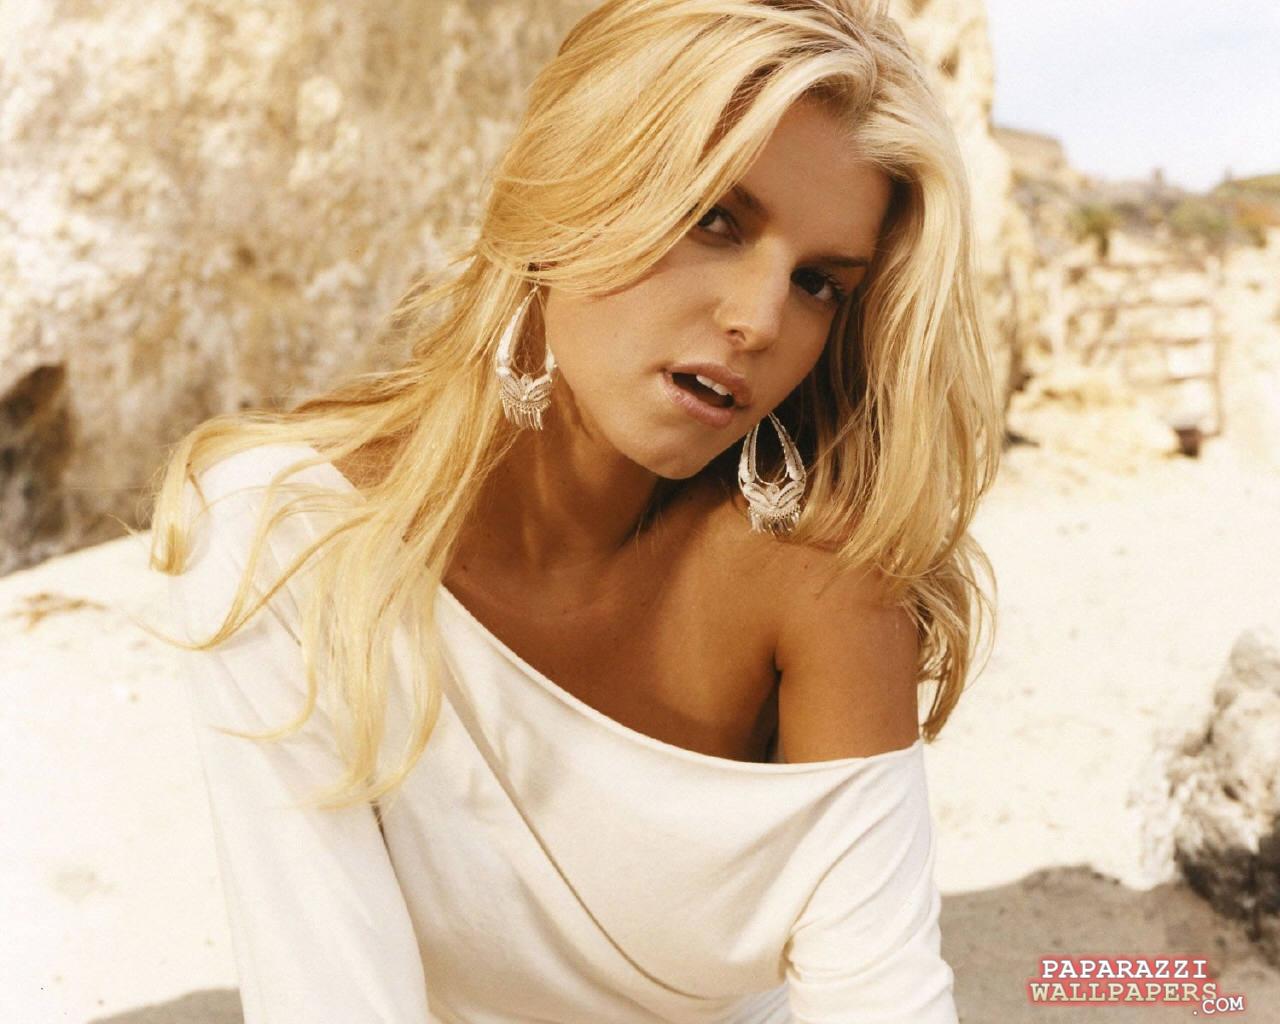 http://1.bp.blogspot.com/-xlxwPUlwczk/T93UWEJ5W5I/AAAAAAAABWI/jFwQGt7j-H8/s1600/Jessica+Simpson+HD+Wallpapers+5.jpg